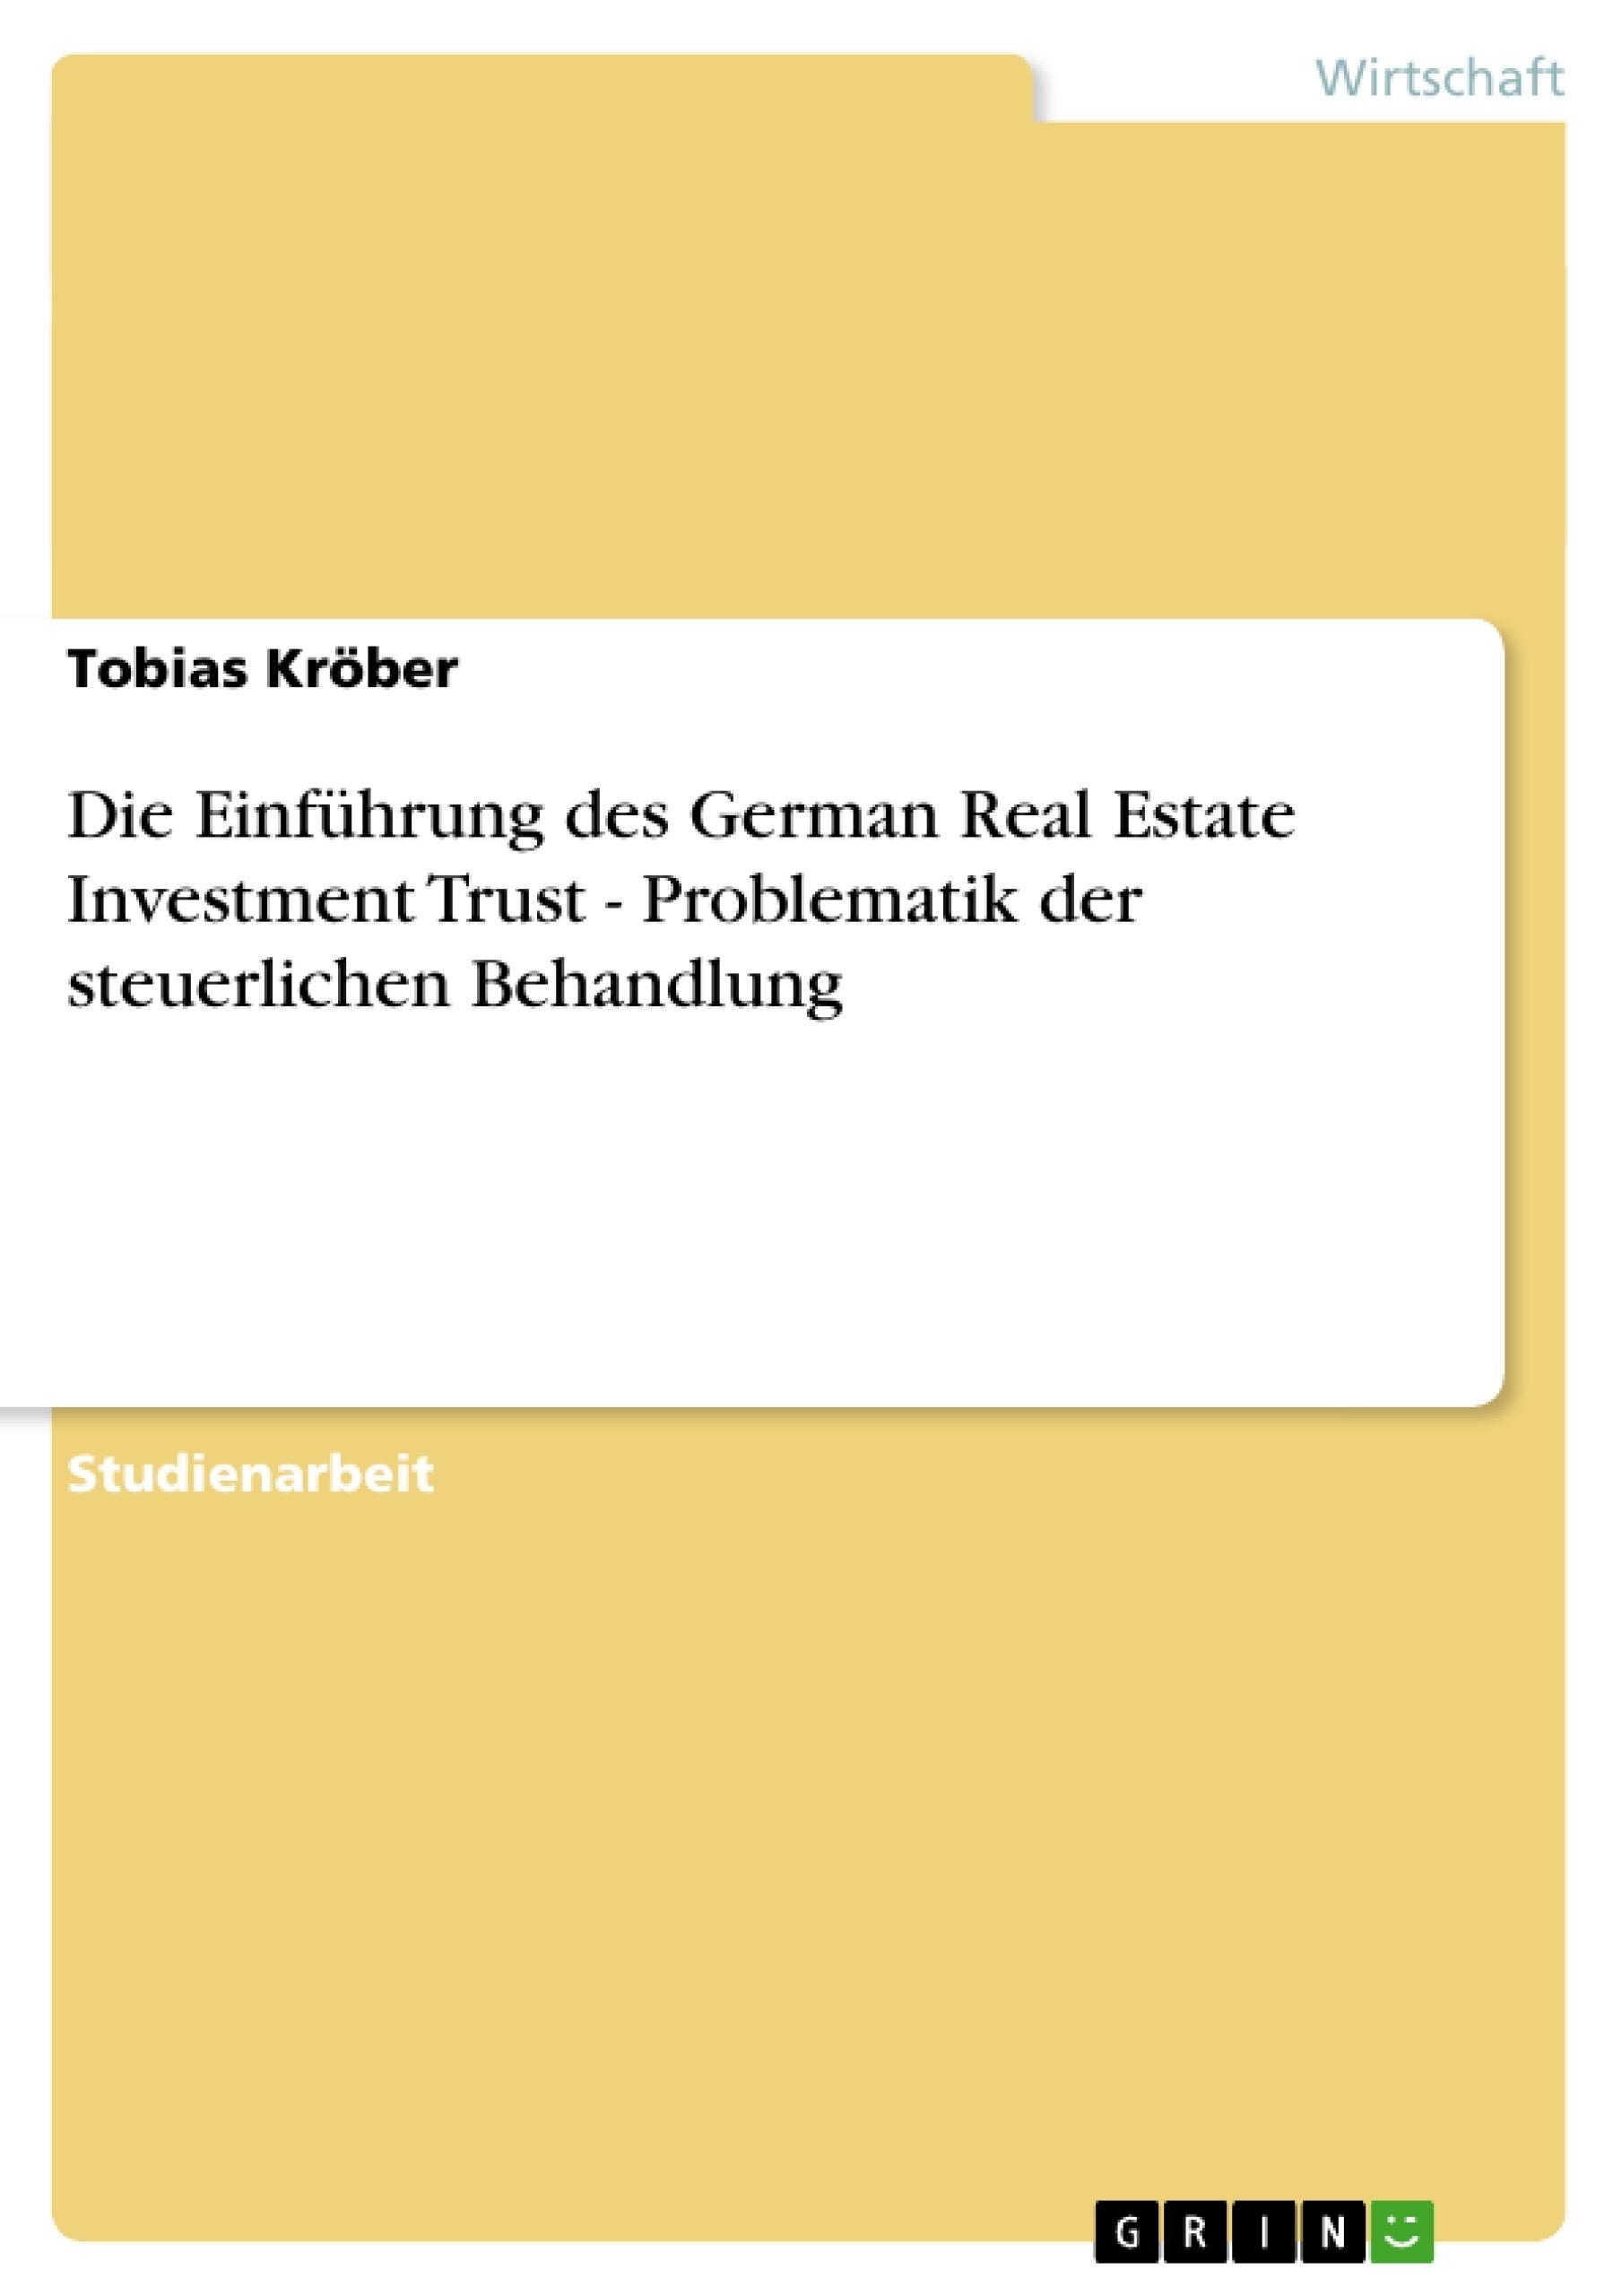 Titel: Die Einführung des German Real Estate Investment Trust - Problematik der steuerlichen Behandlung